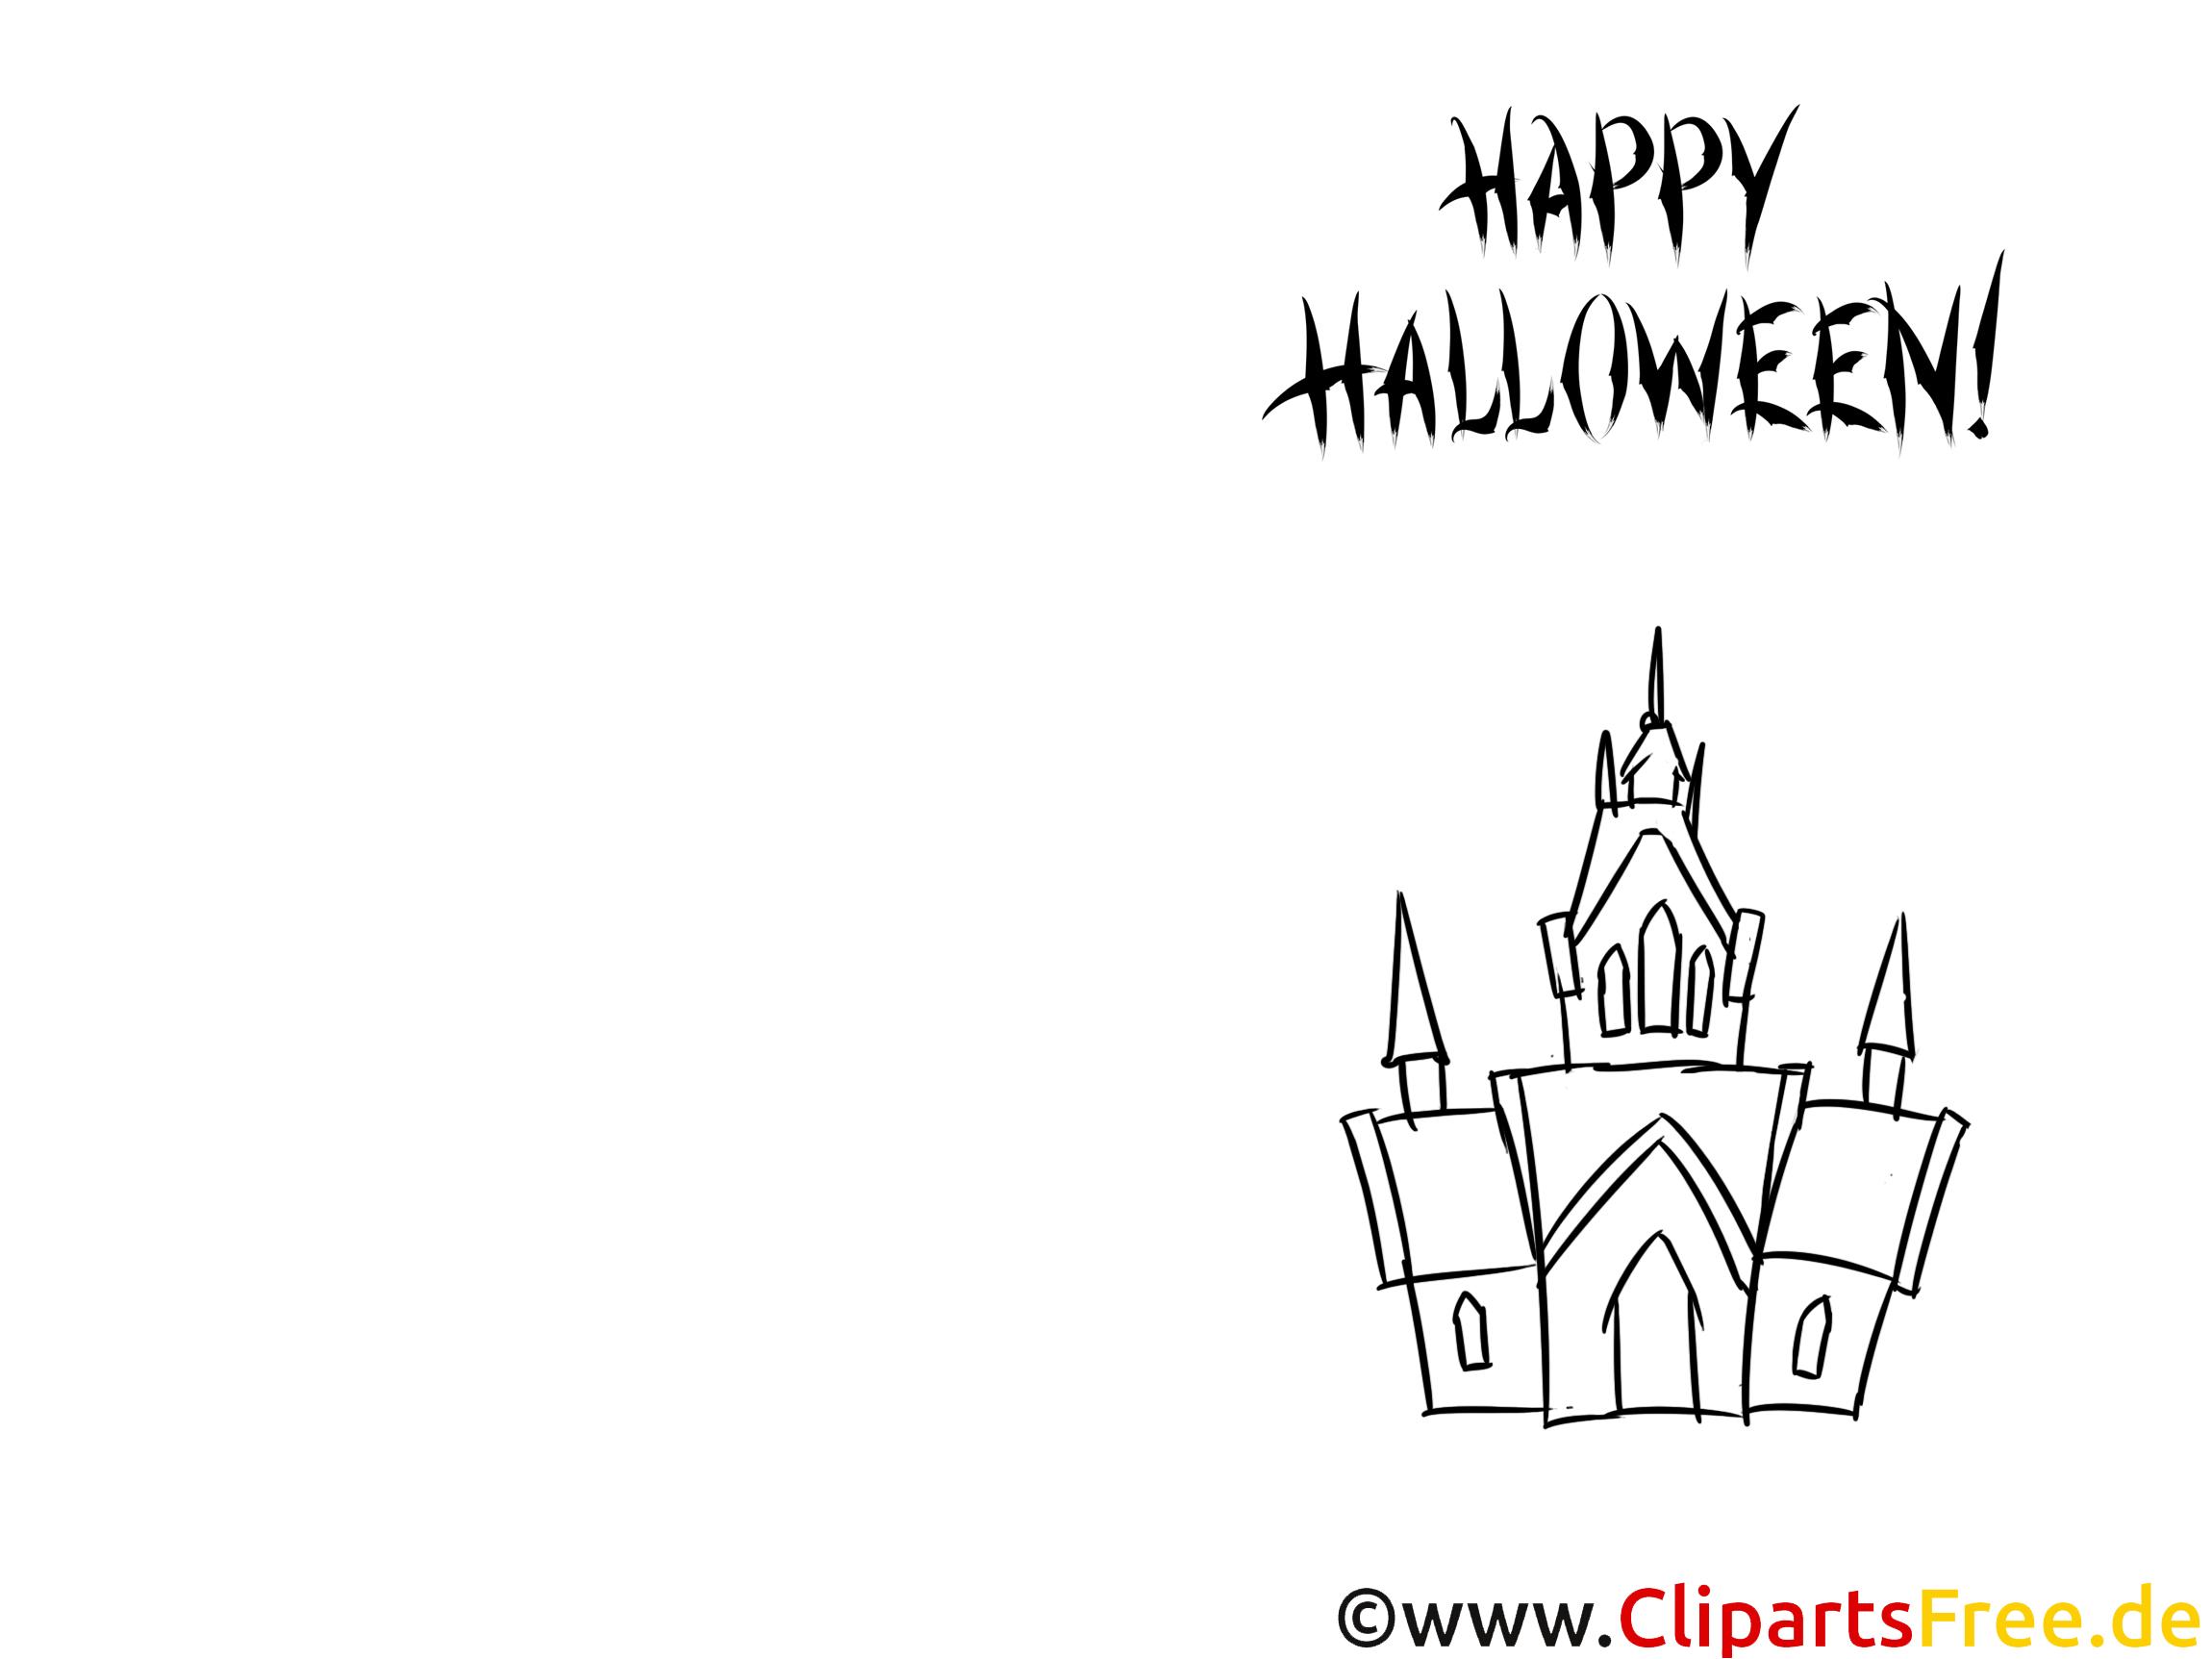 Karte-Vorlage Happy Halloween